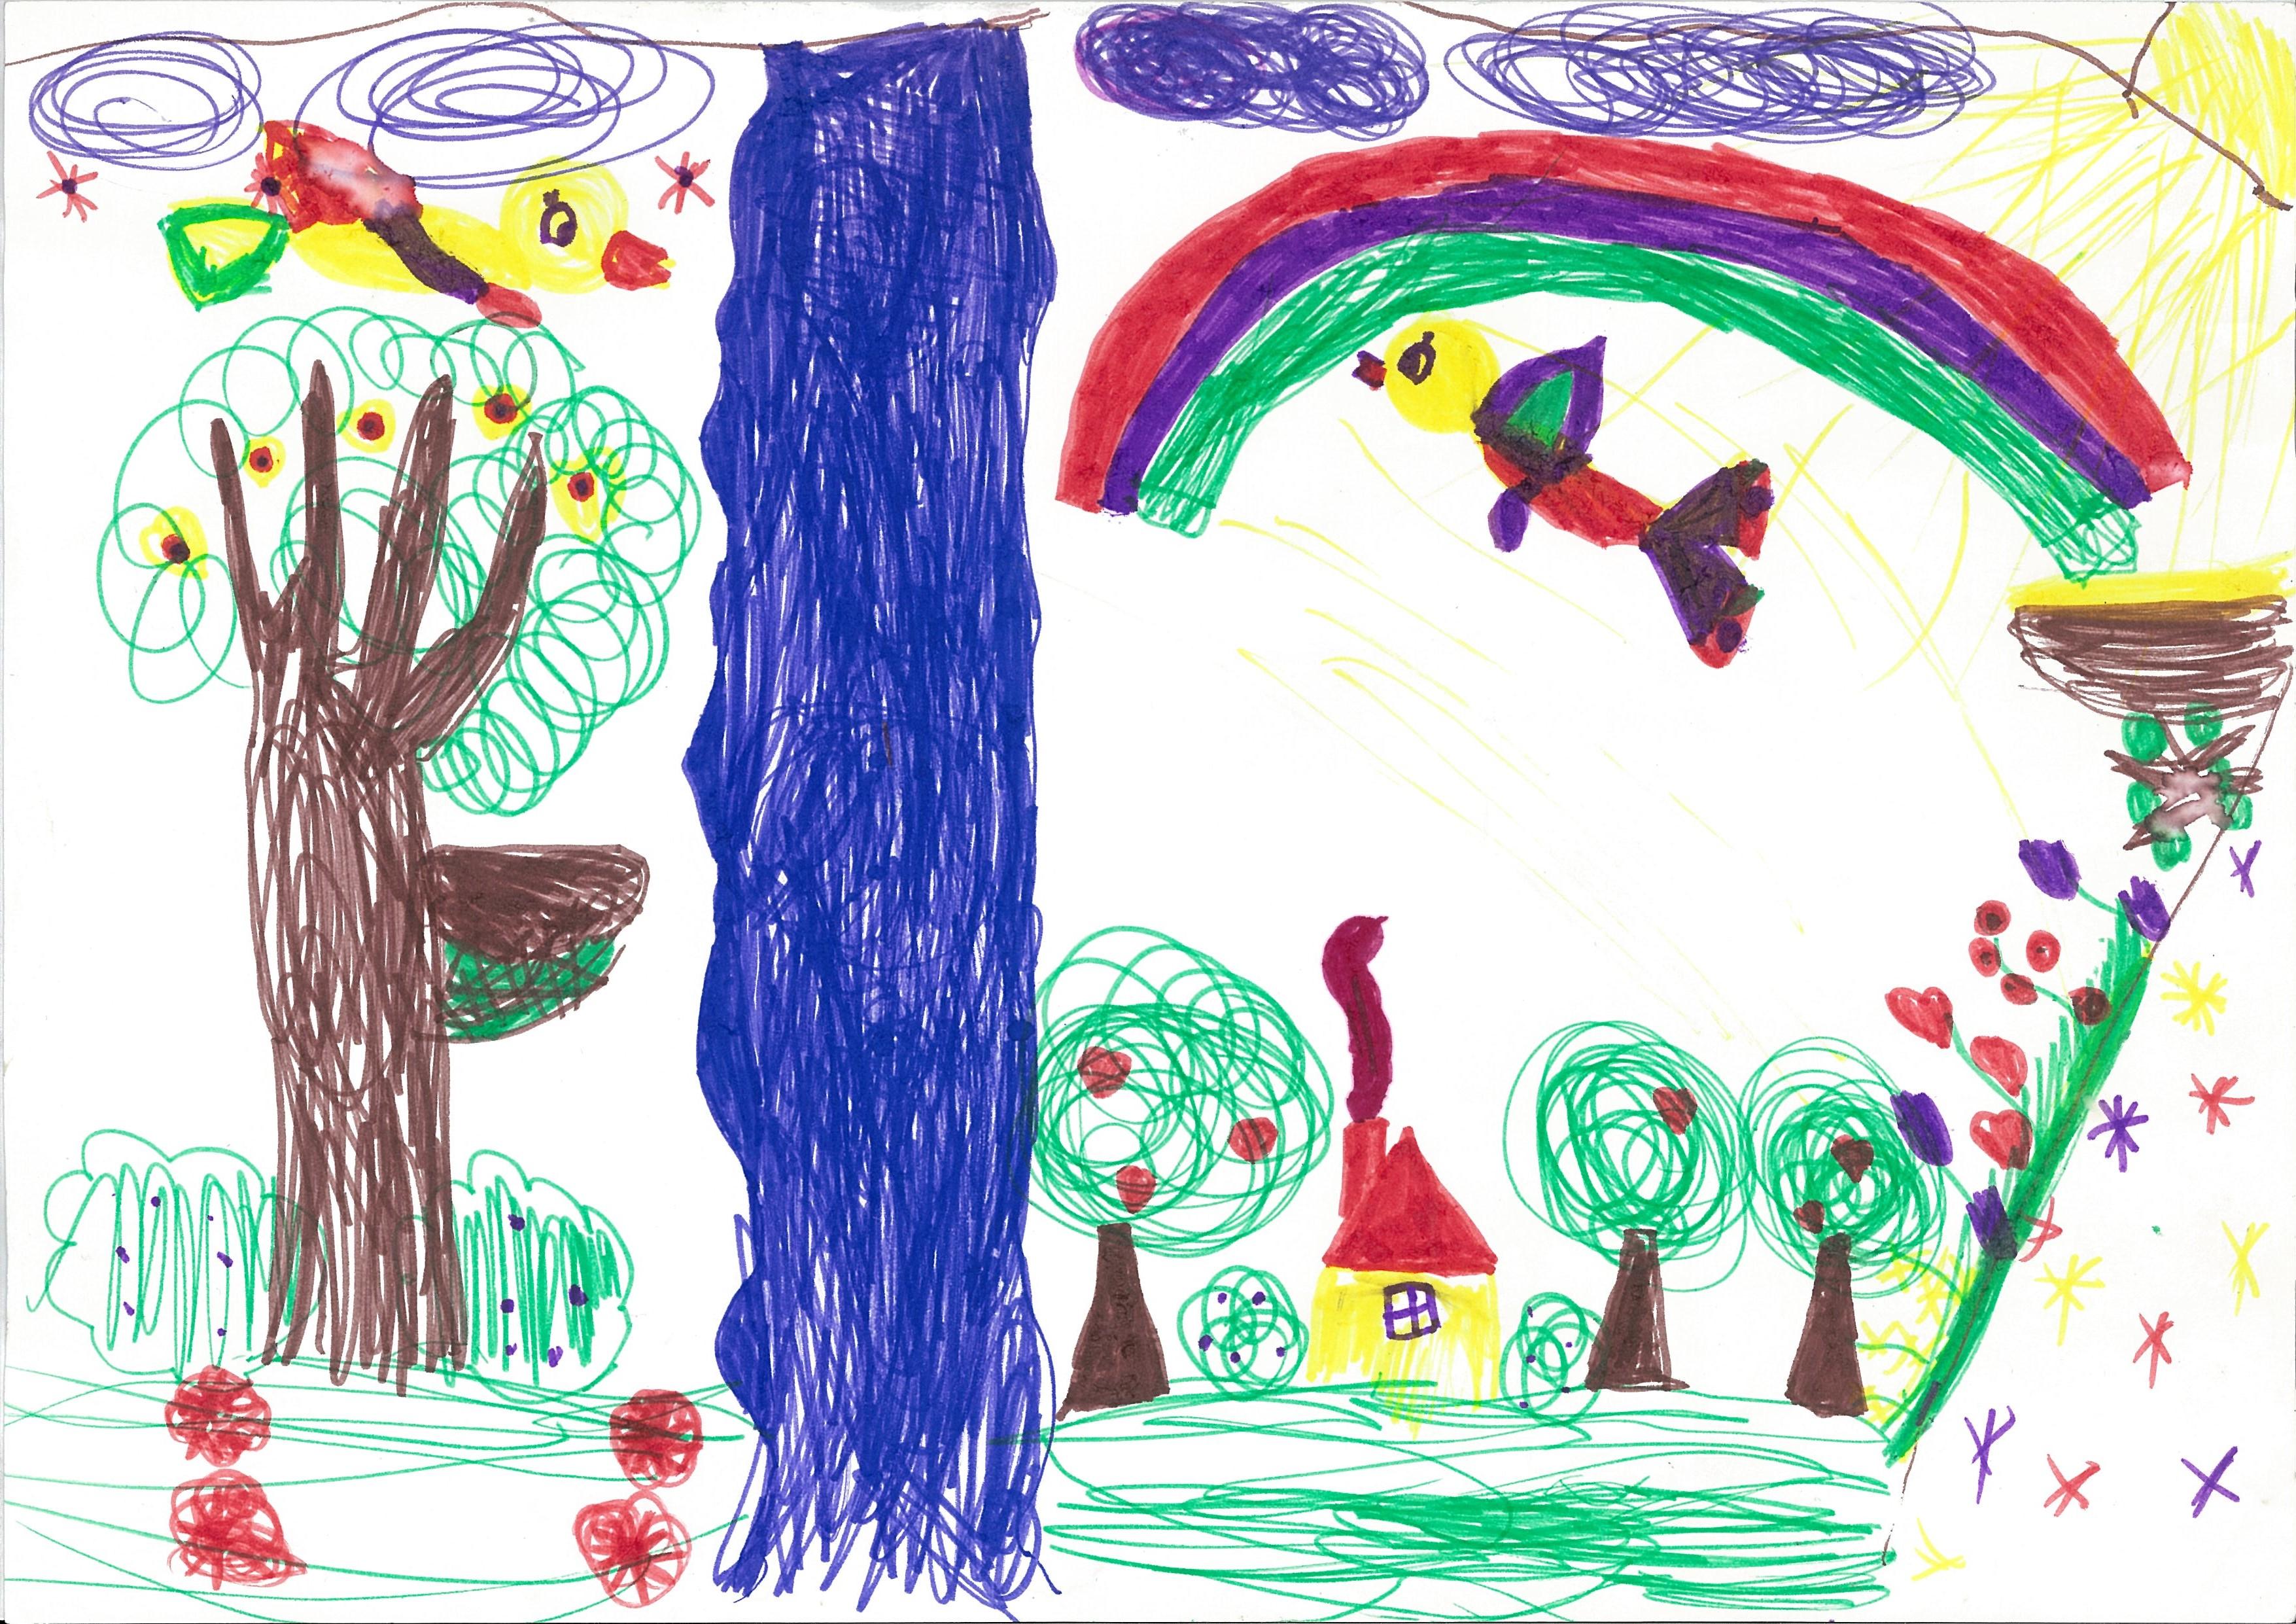 Idylliczne dzieciństwo jeszcze niezmącone traumą (rysunek, mazak napapierze, 1993)